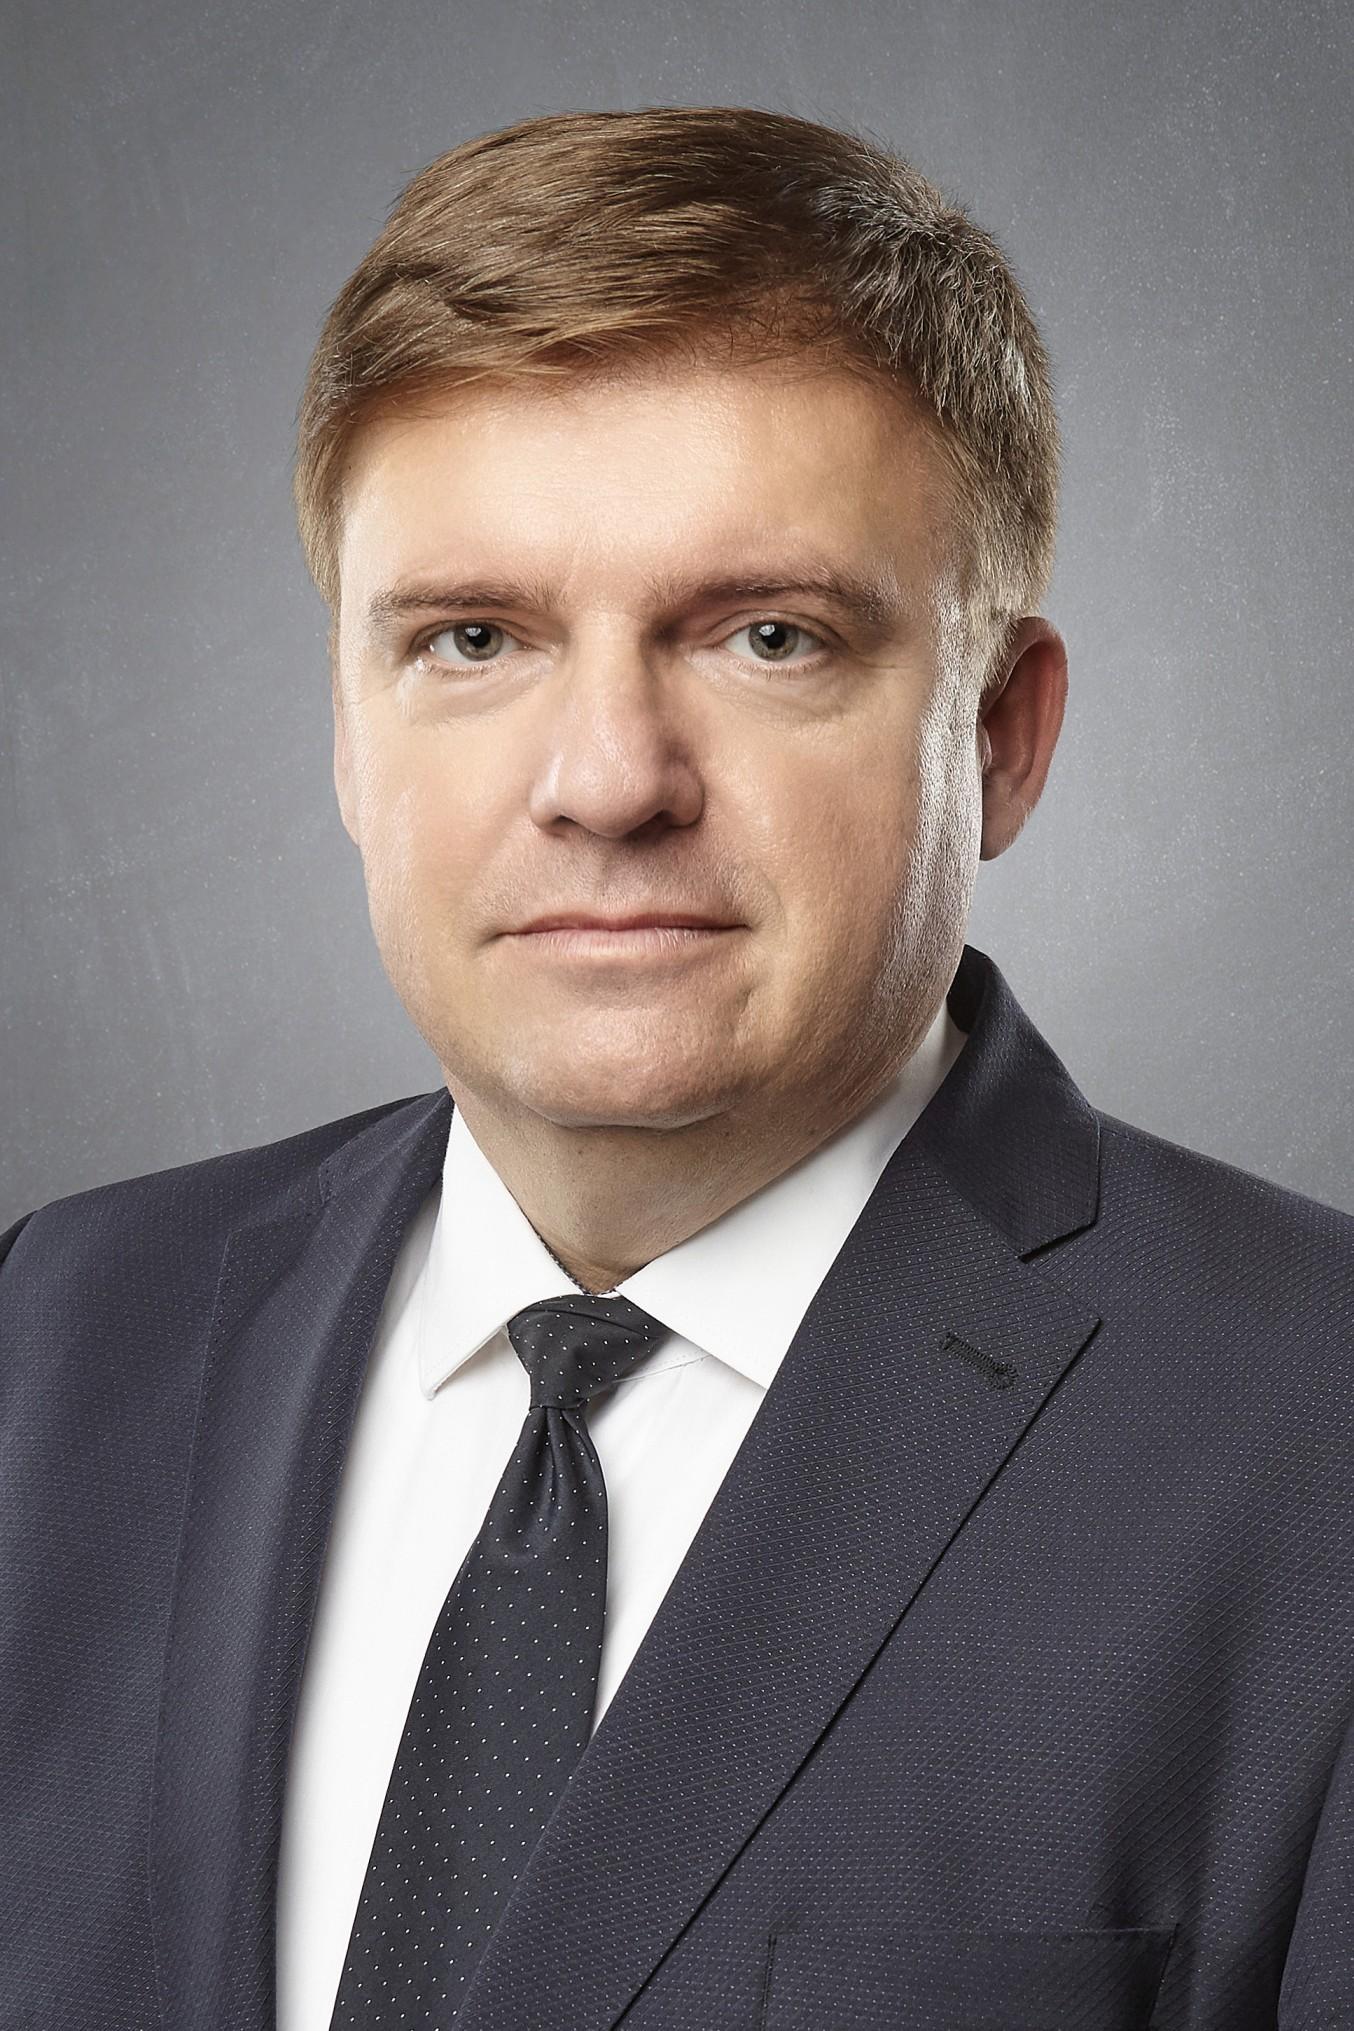 Kircsi Lajos Hungarospa